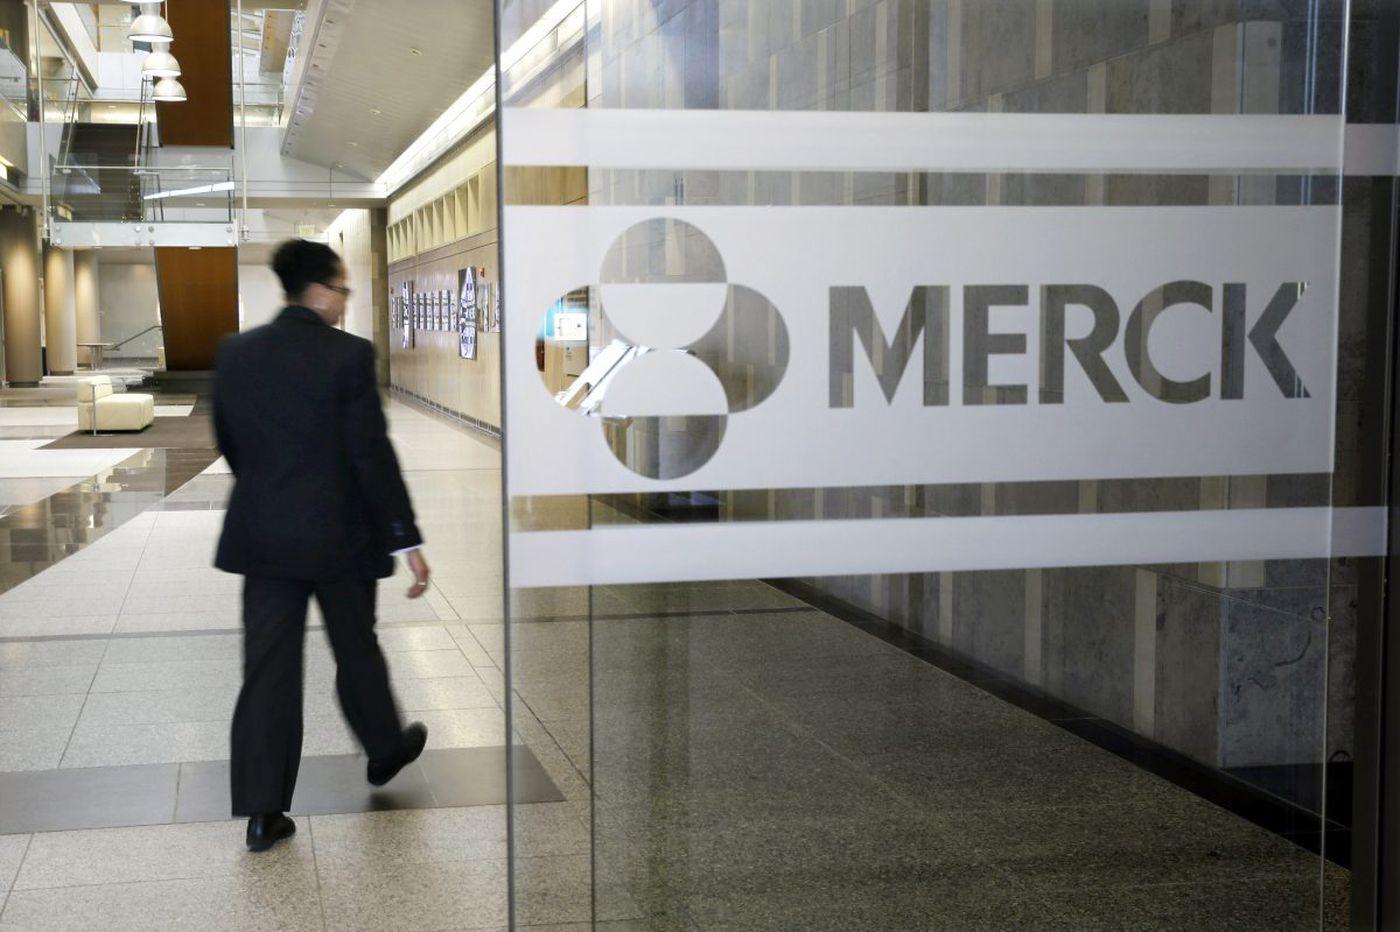 Merck cuts 1,800 sales jobs nationwide, will add 960